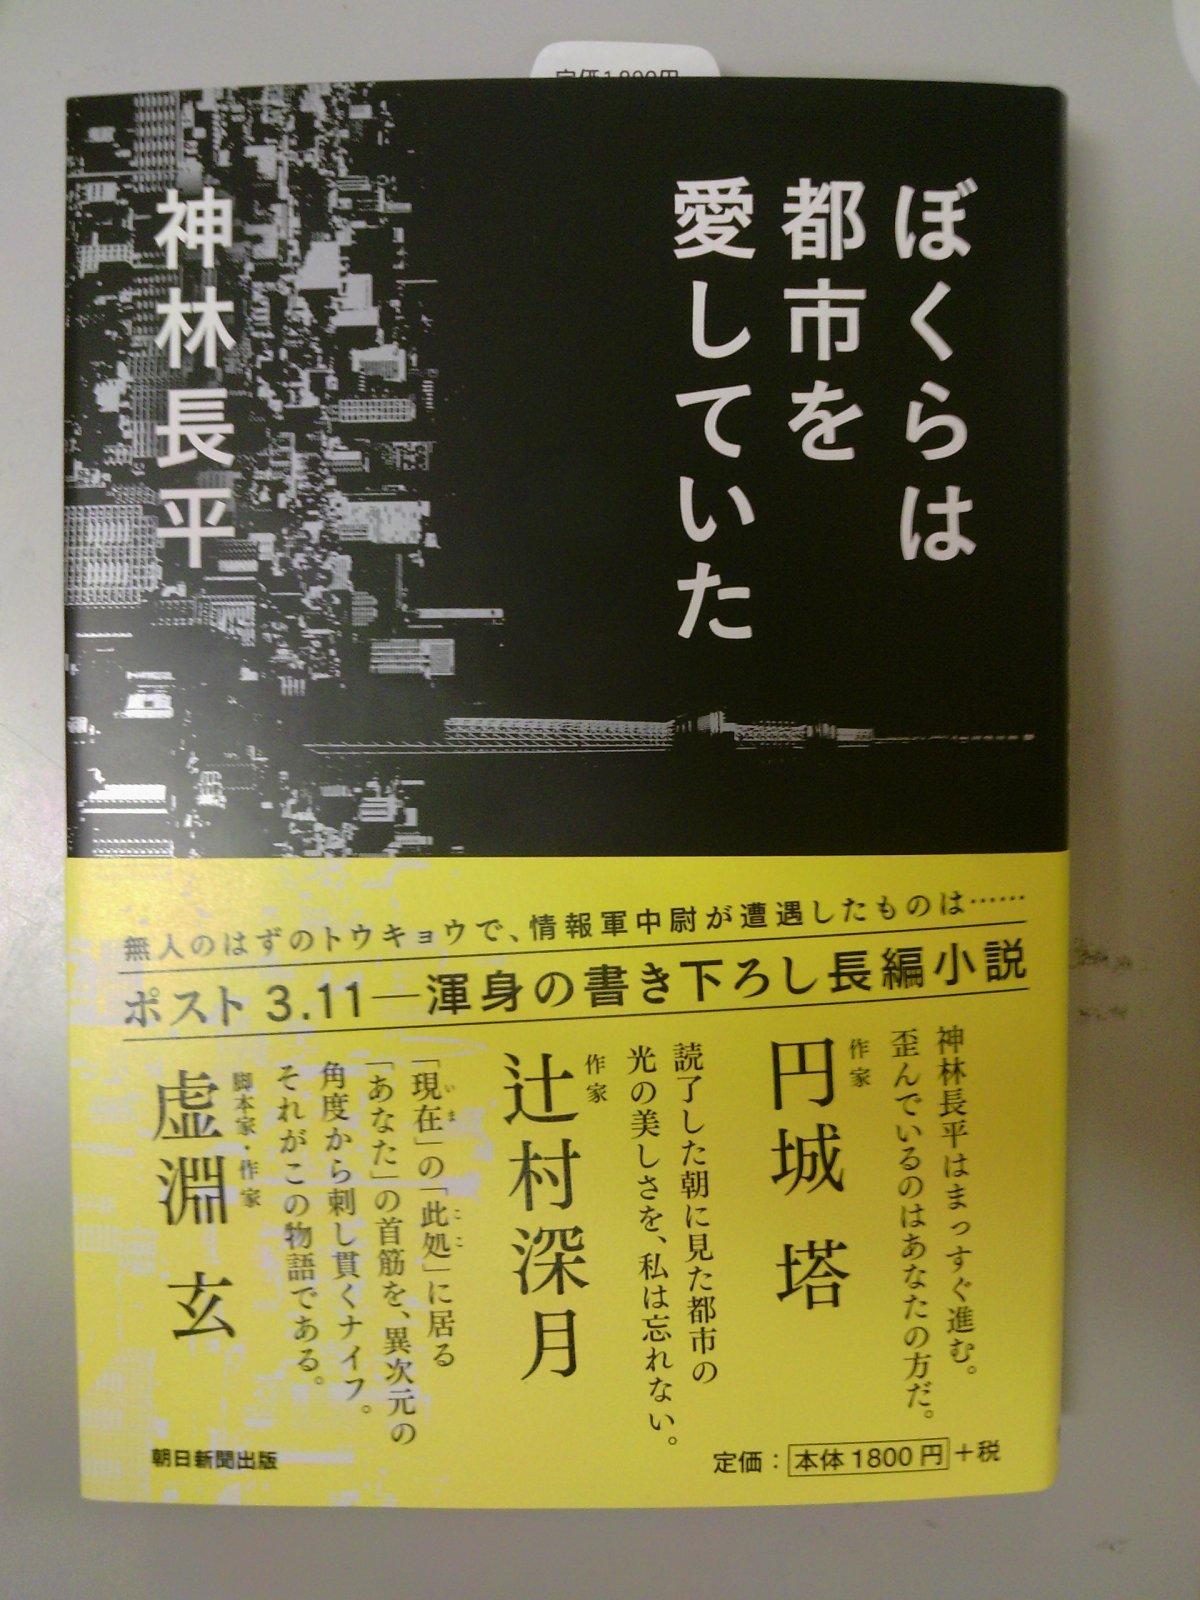 成文堂早稲田駅前店のブログ : ...